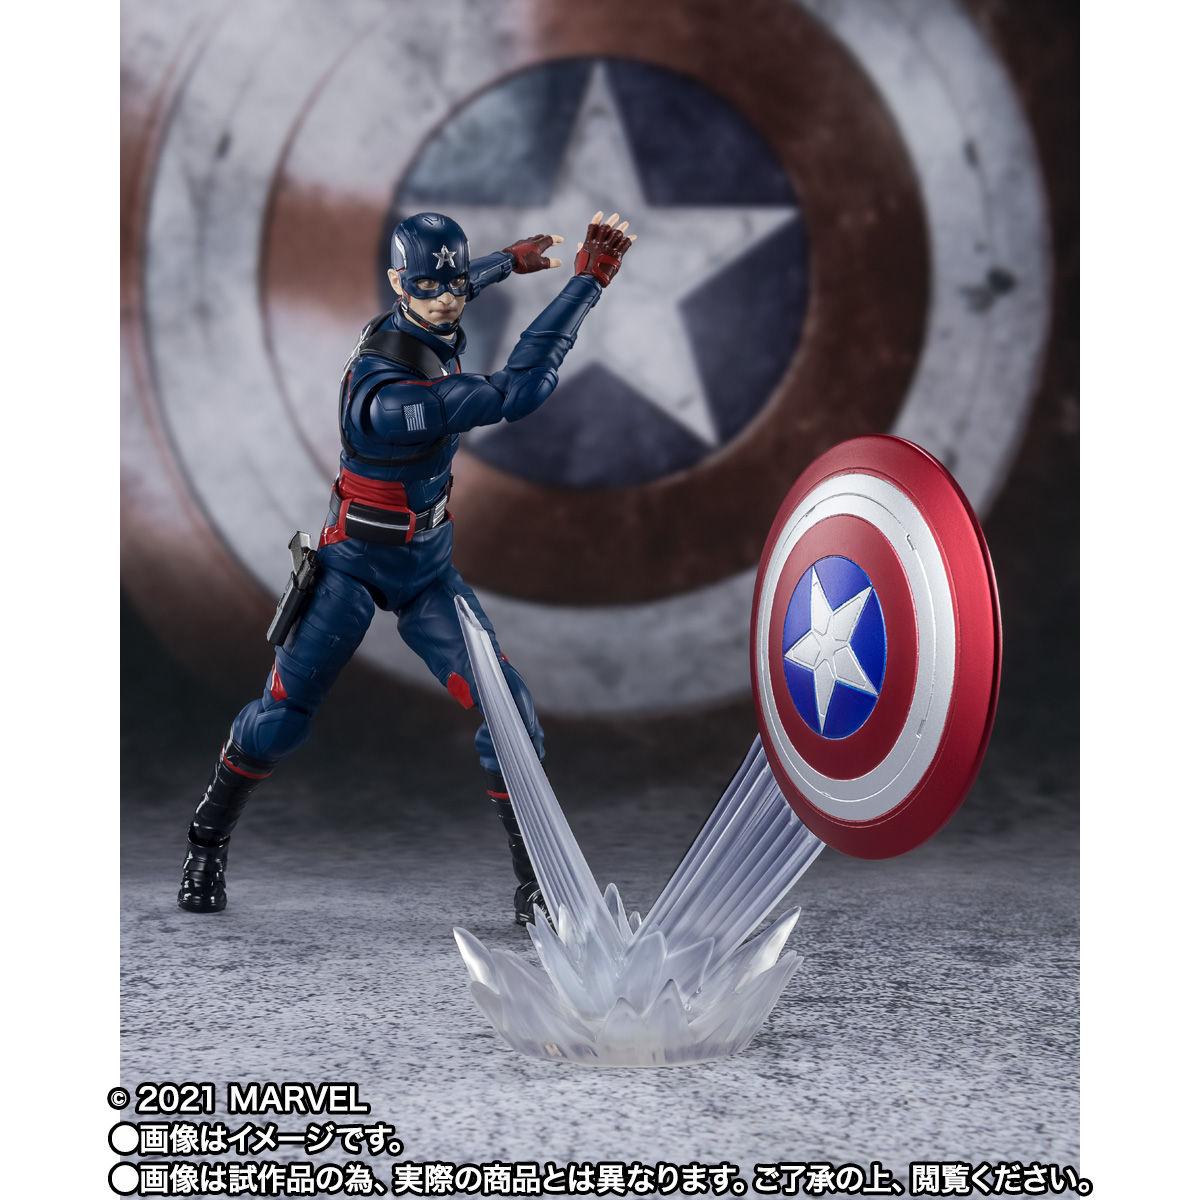 【限定販売】S.H.Figuarts『キャプテン・アメリカ(ジョン・ウォーカー)』ファルコン&ウィンター・ソルジャー 可動フィギュア-006